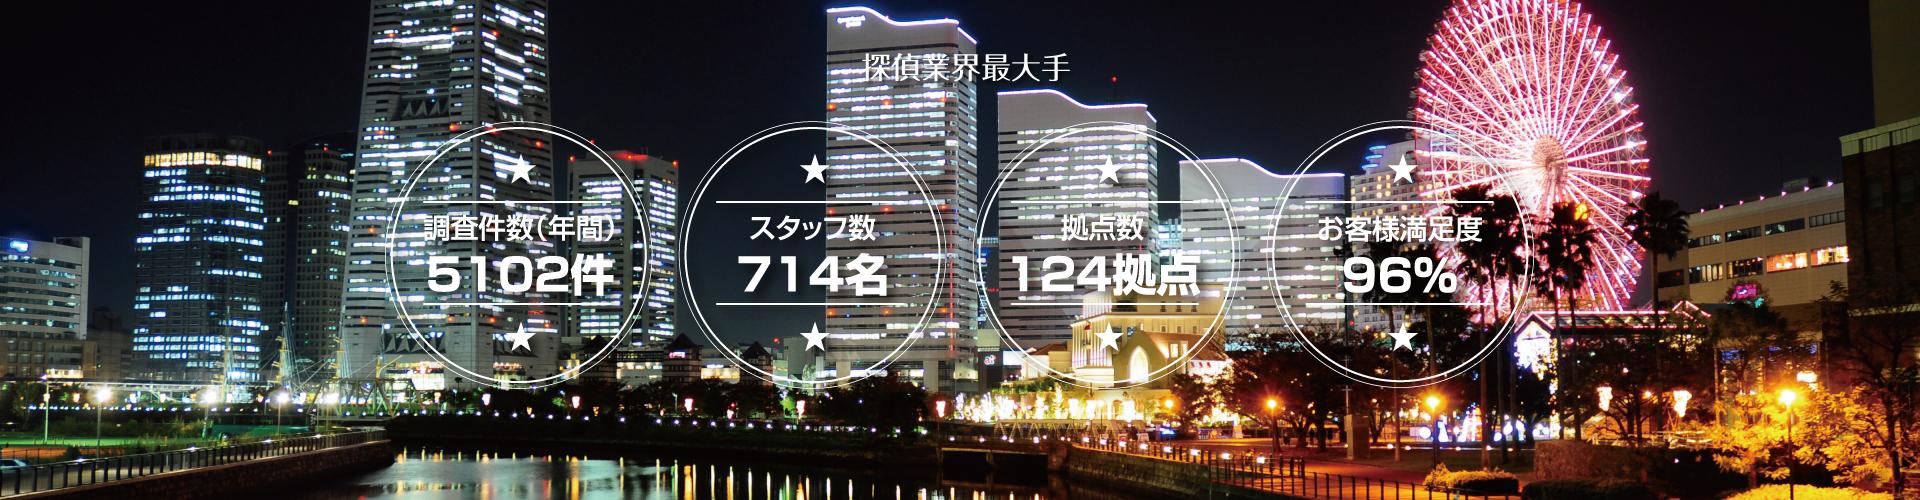 神奈川県横浜市「総合探偵社ガルエージェンシー横浜駅前」